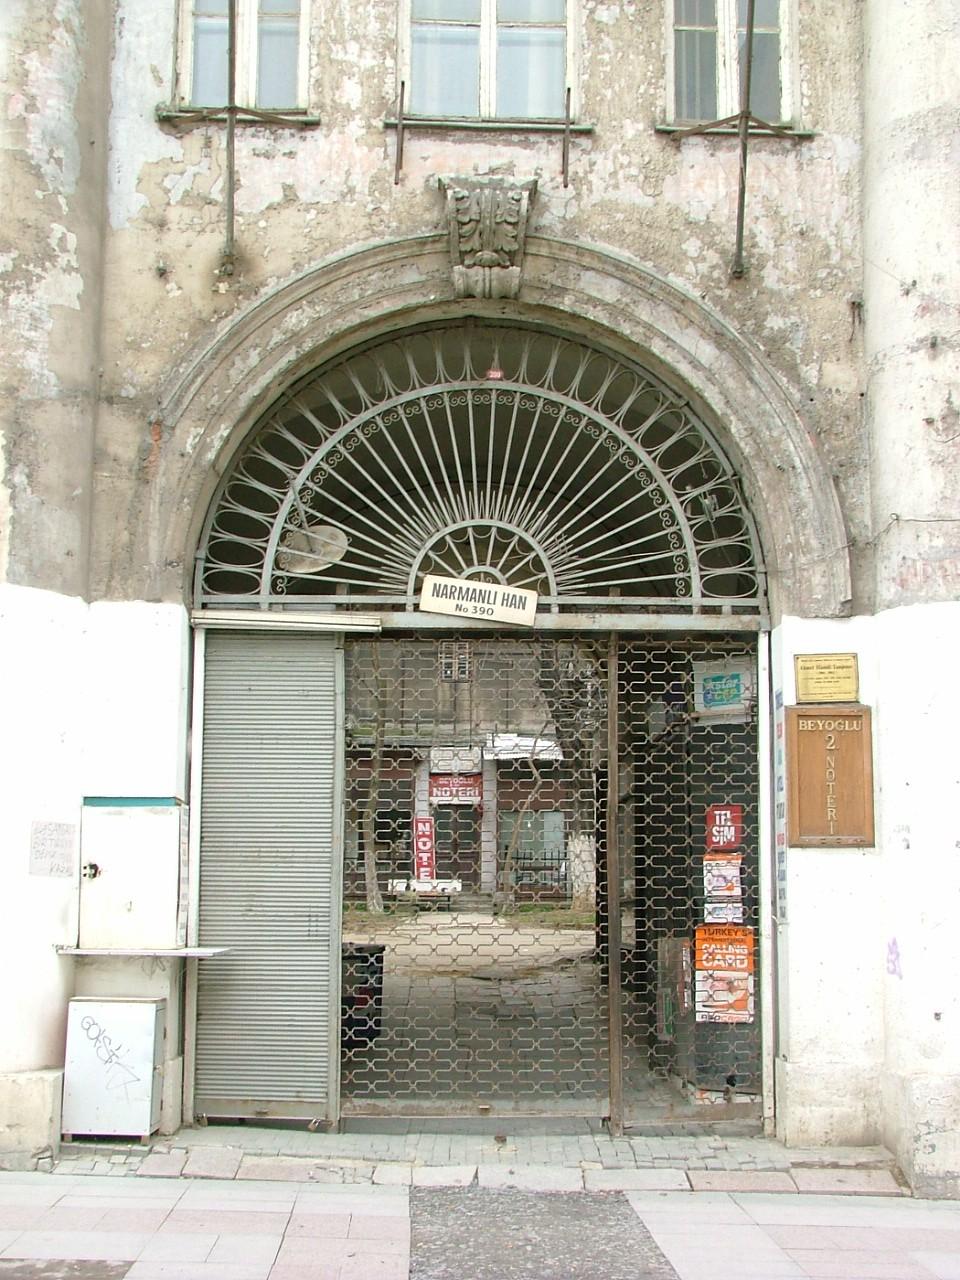 Han, 20'nci yüzyıl başlarına kadar çeşitli eklemelerle genişletildi. 1933'te Narmanlı ailesine satılan binalar, daha sonra mağaza, büro, konut ve sanat atölyesi olarak kullanıldı.